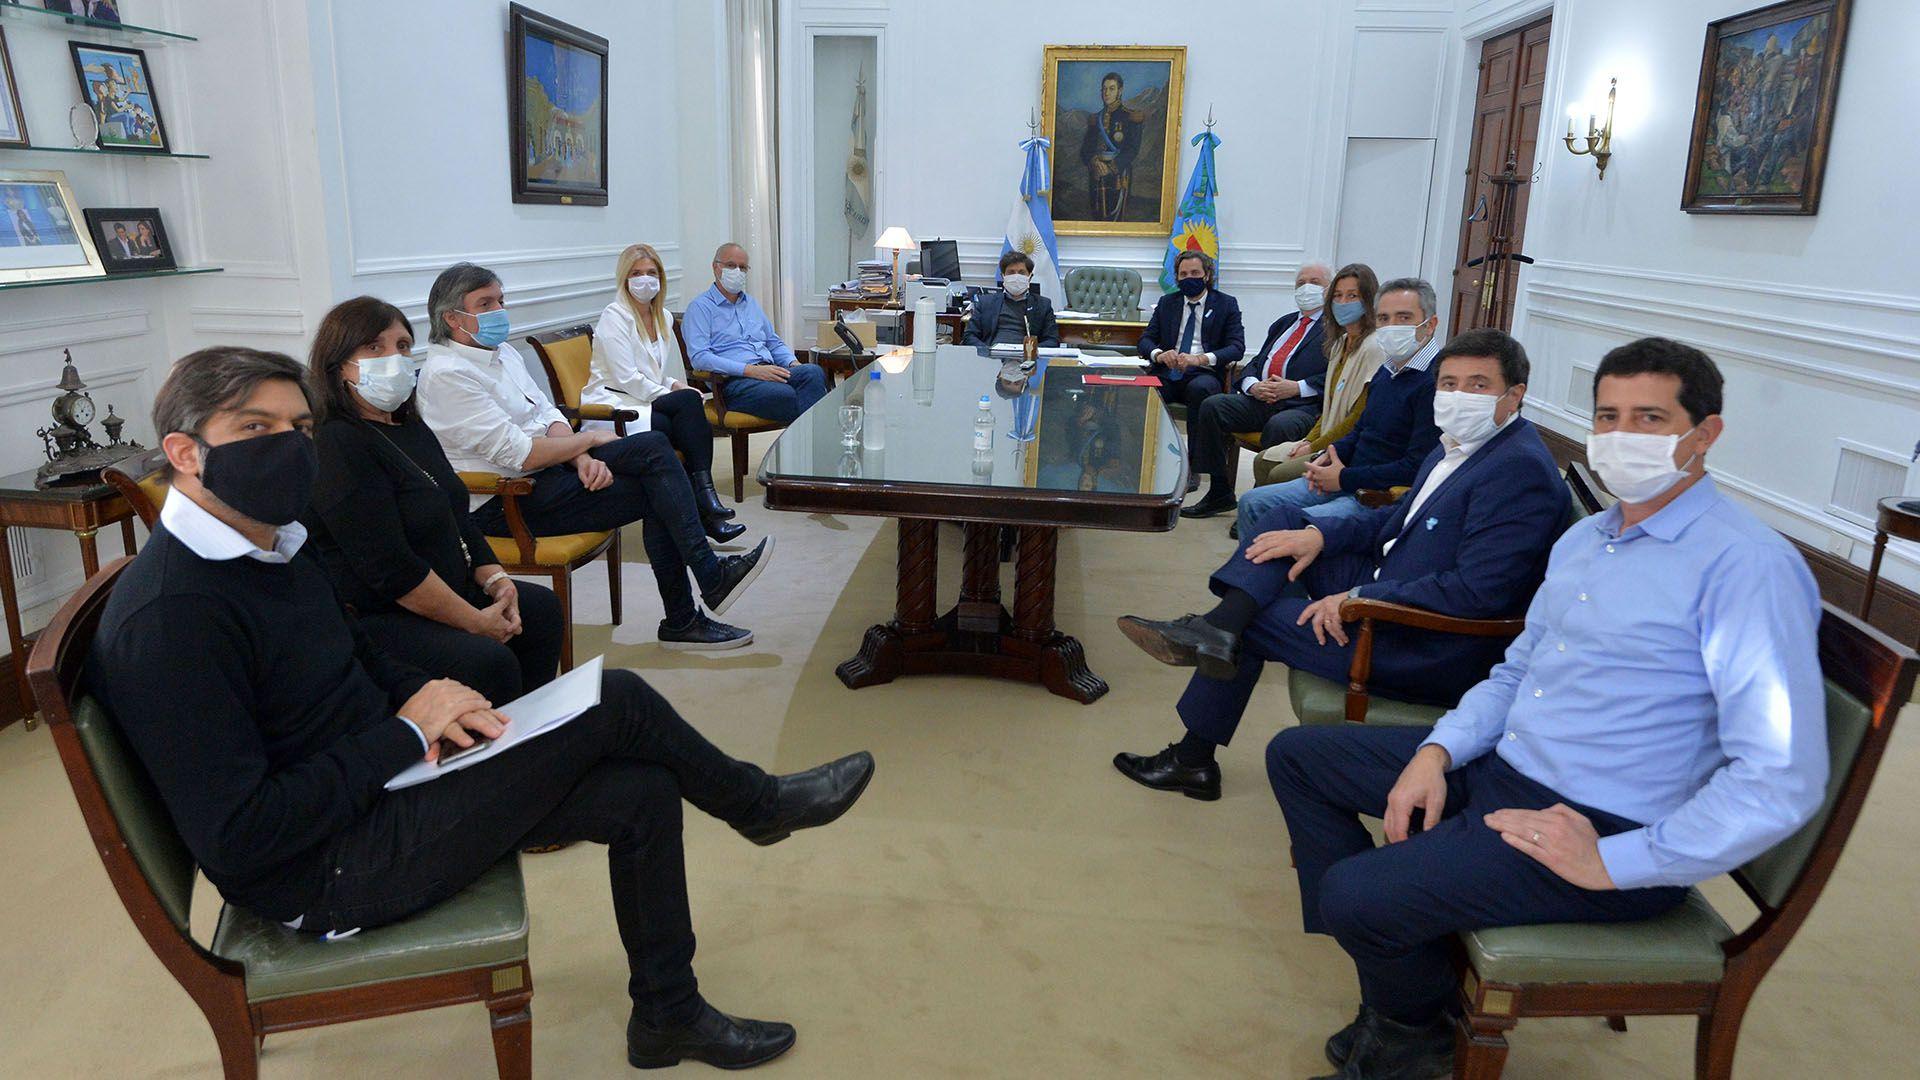 Axel Kicillof y Santiago Cafiero junto a los ministros nacionales y provinciales y Máximo Kirchner (Prensa Gobierno bonaerense)